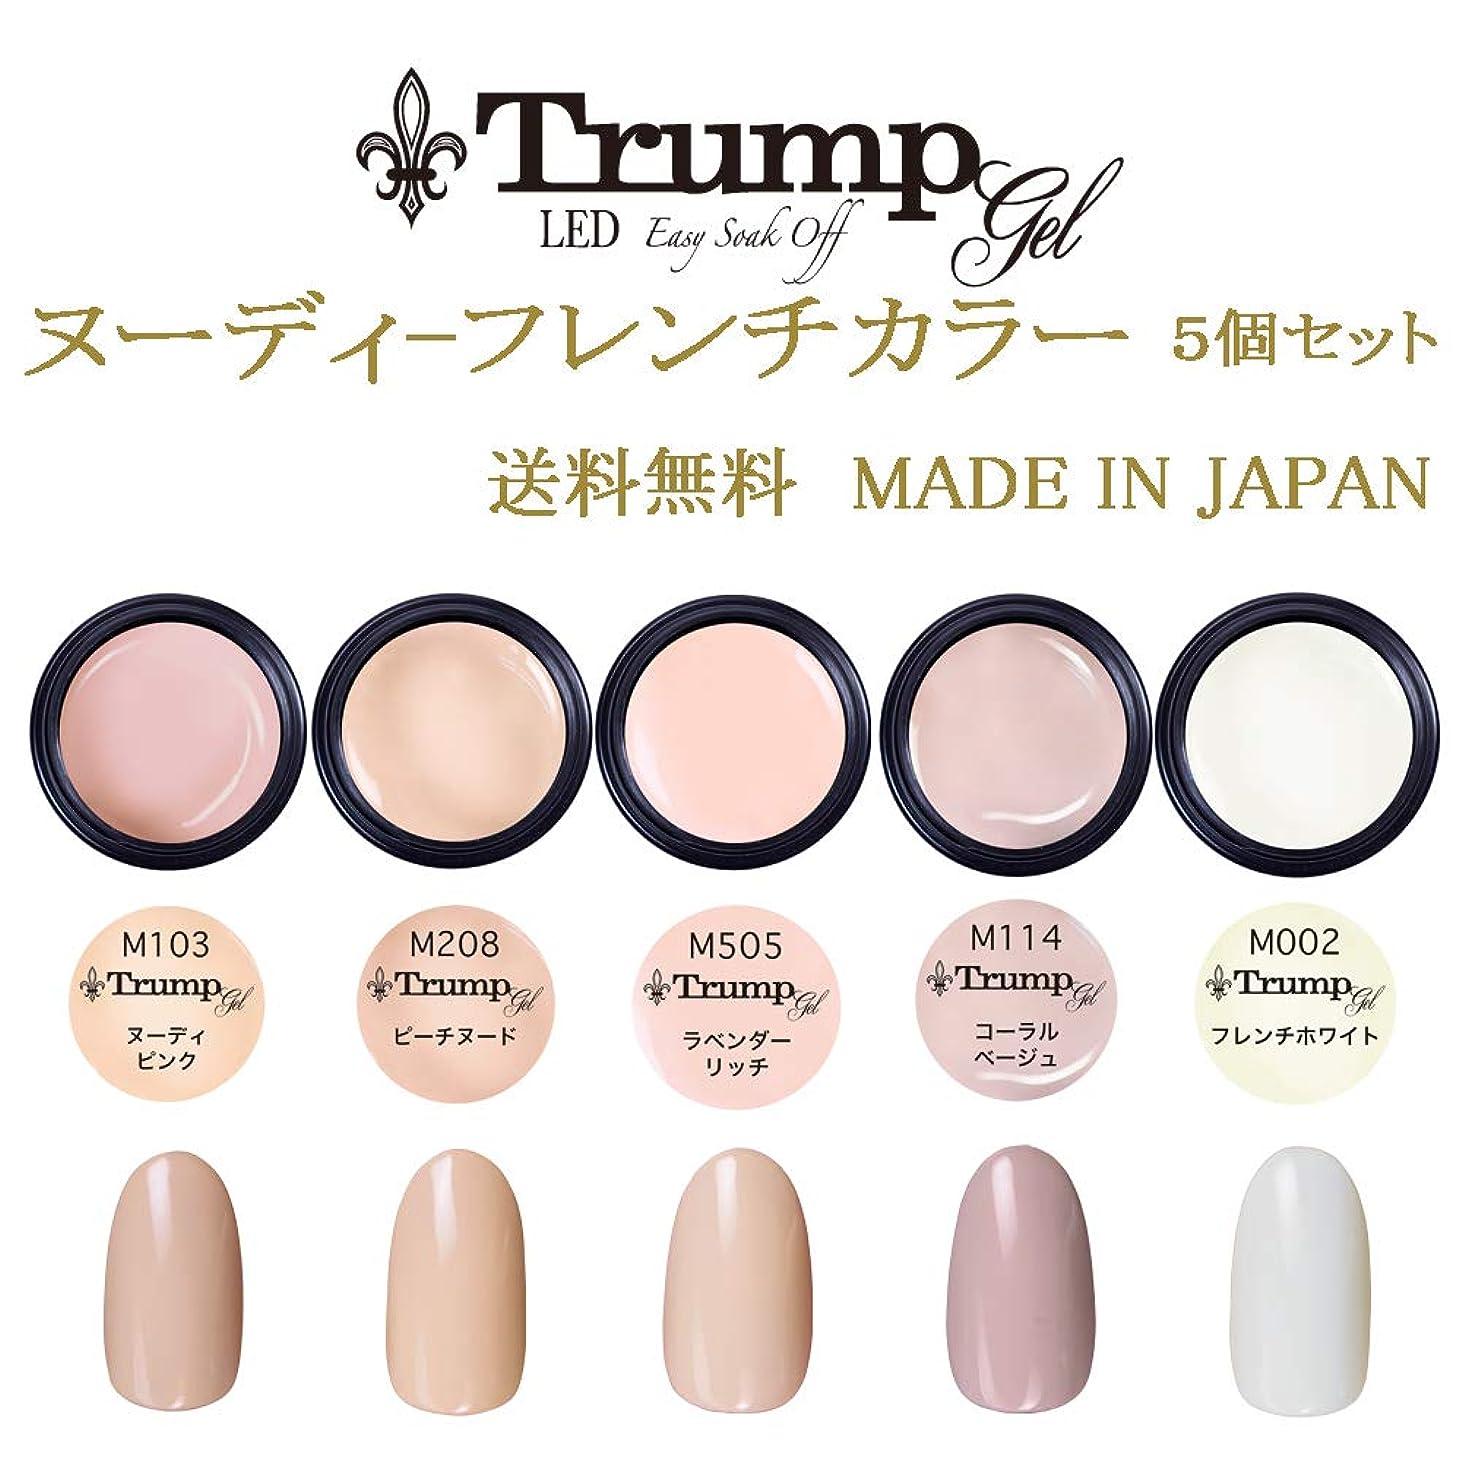 不機嫌大理石法令【送料無料】日本製 Trump gel トランプジェルヌーディフレンチカラージェル 5個セット 肌馴染みの良い ヌーデイフレンチカラージェルセット